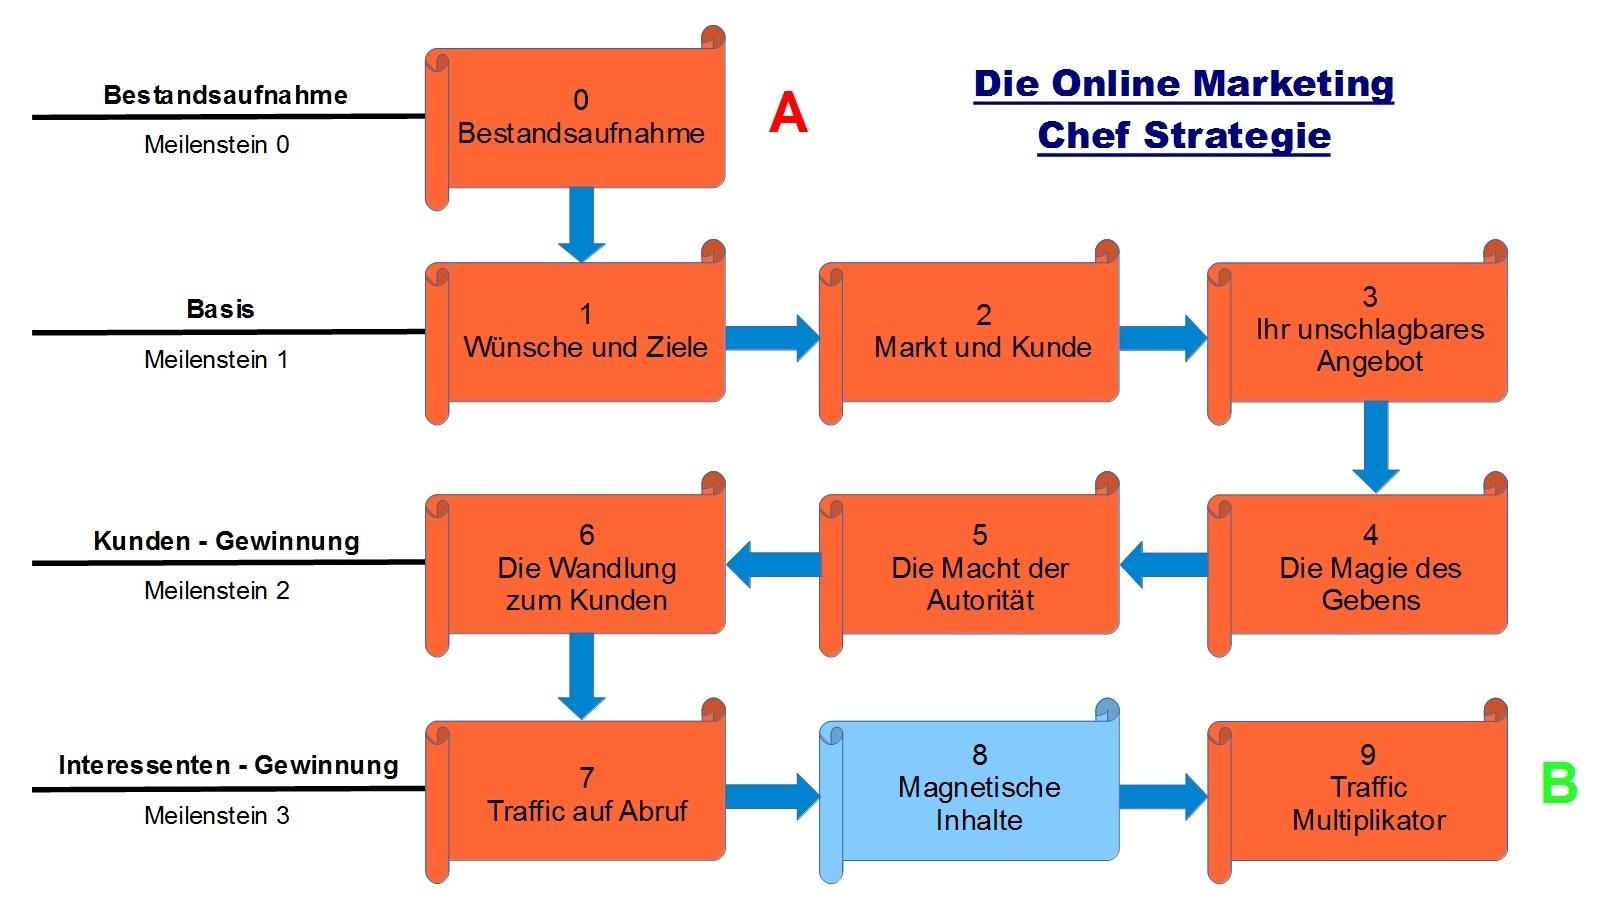 Schritt 8 - Die Online Marketing Chef Strategie